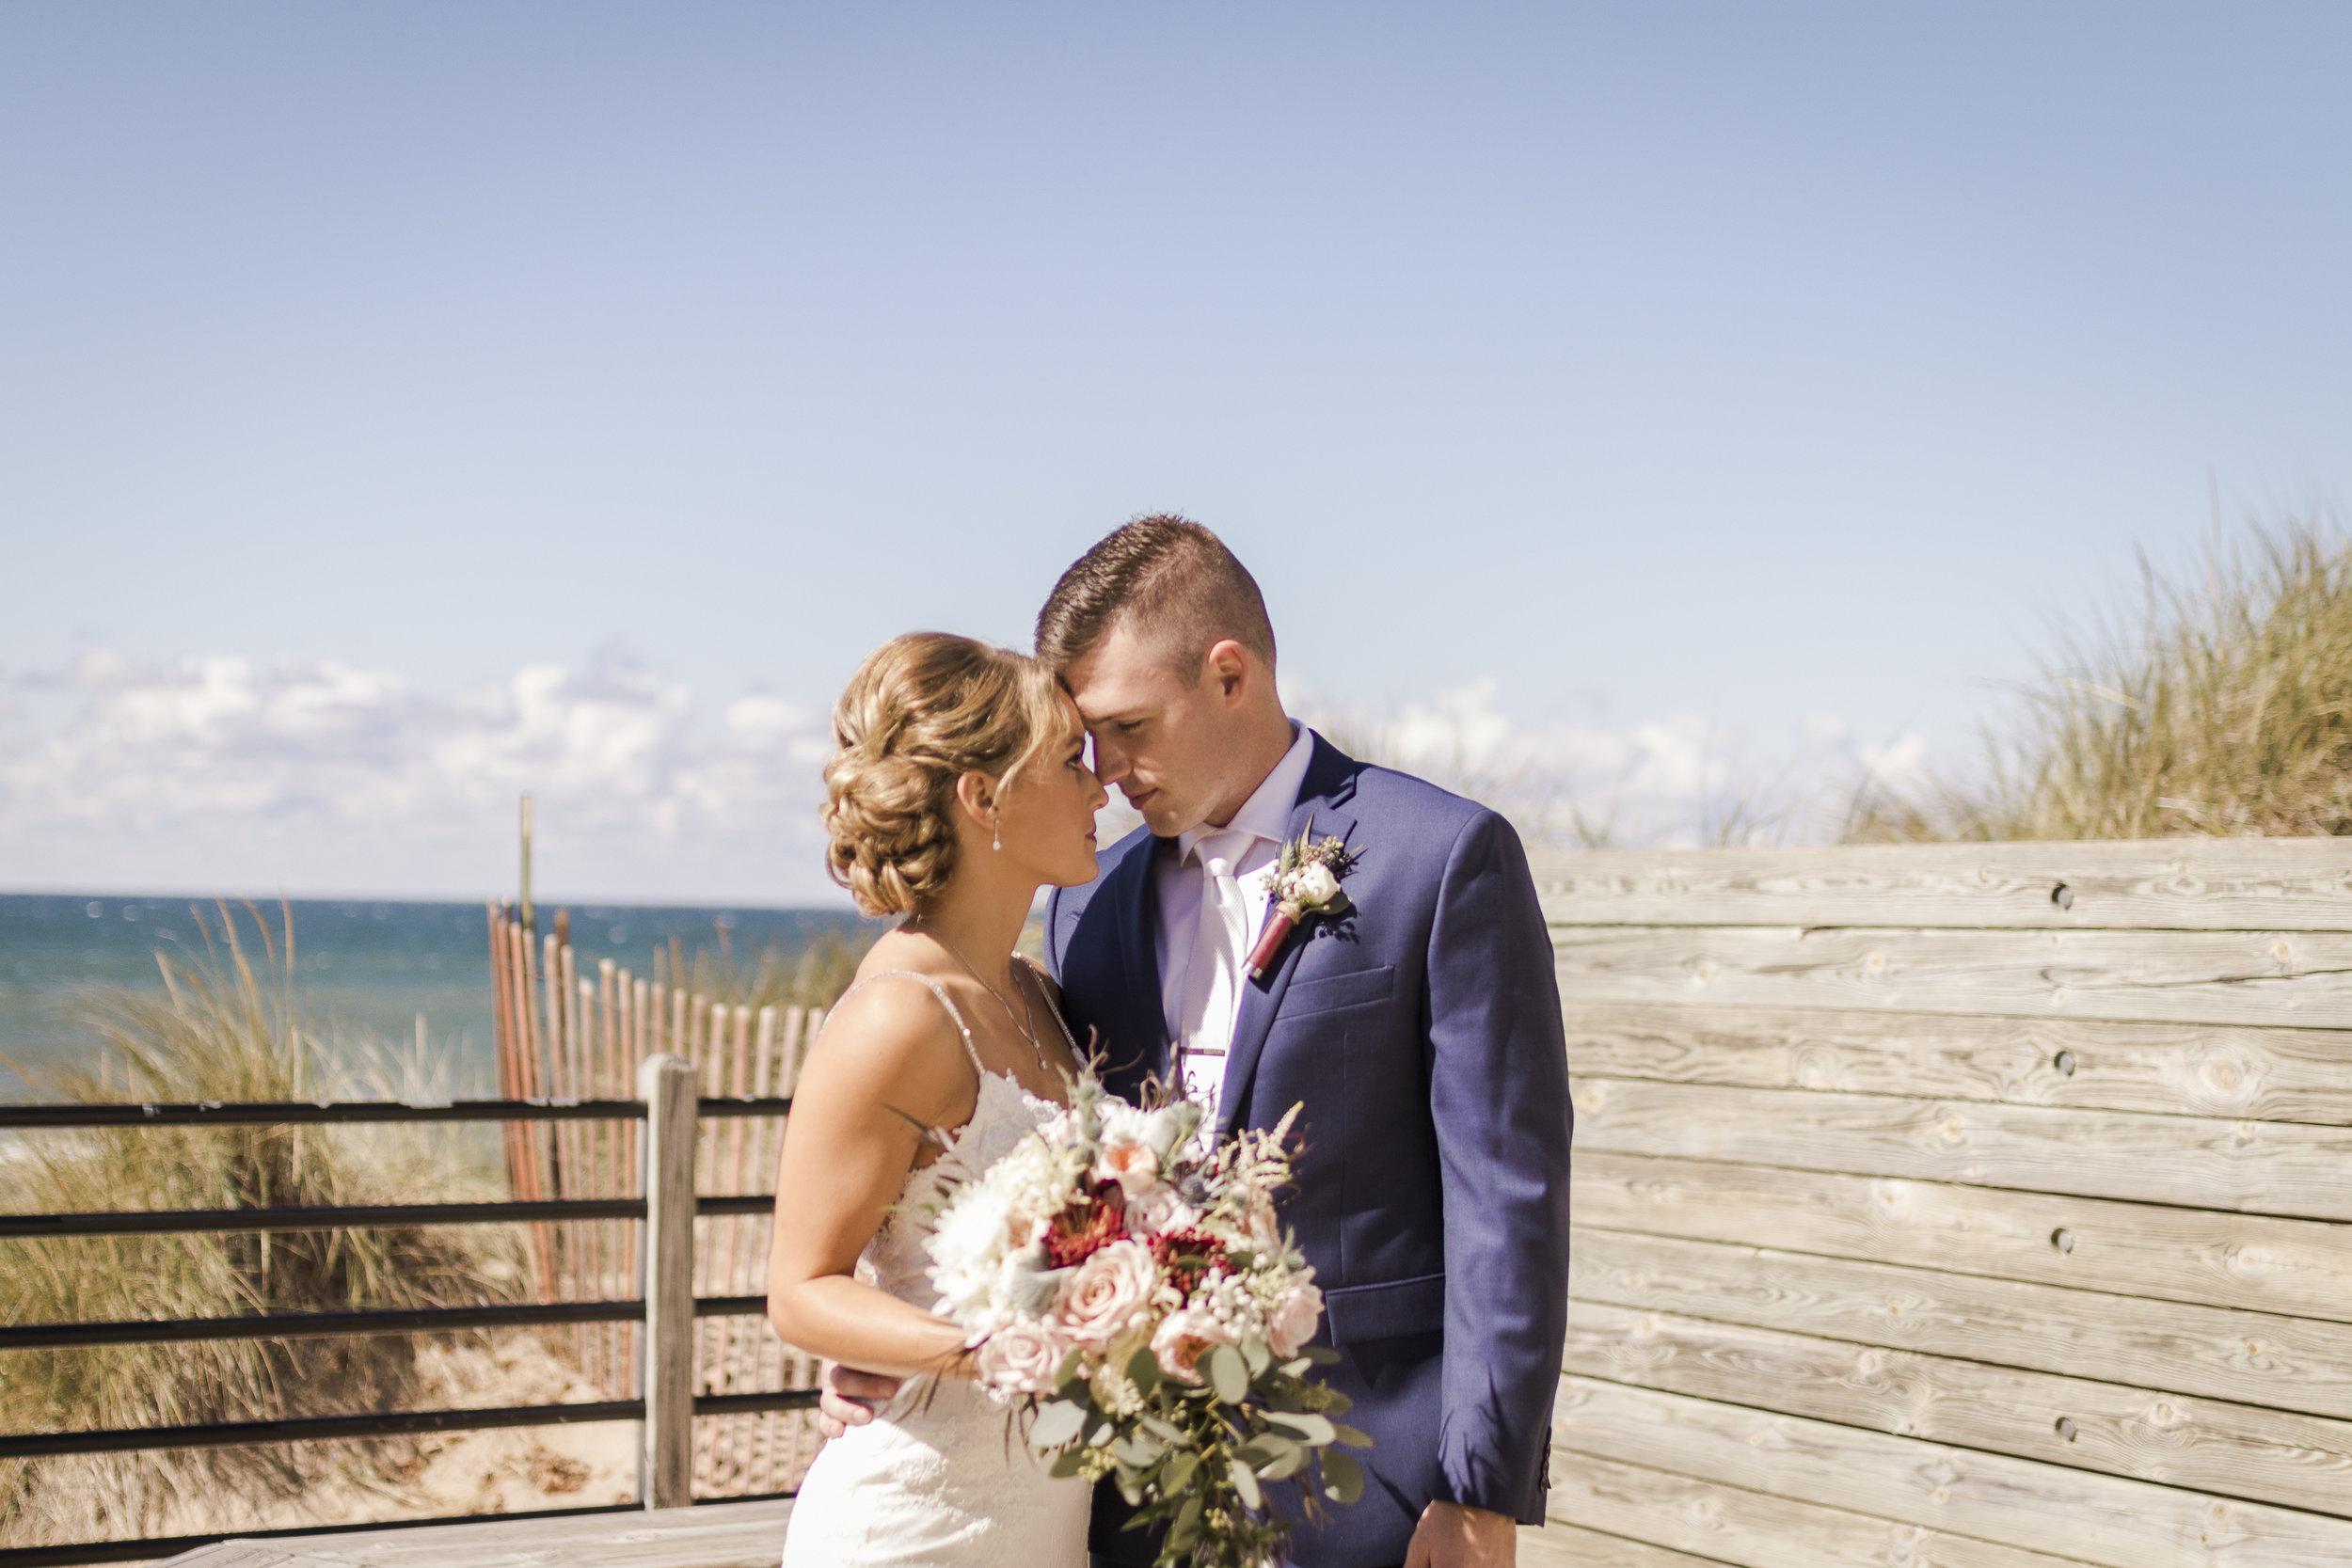 wedding9.29-19.jpg